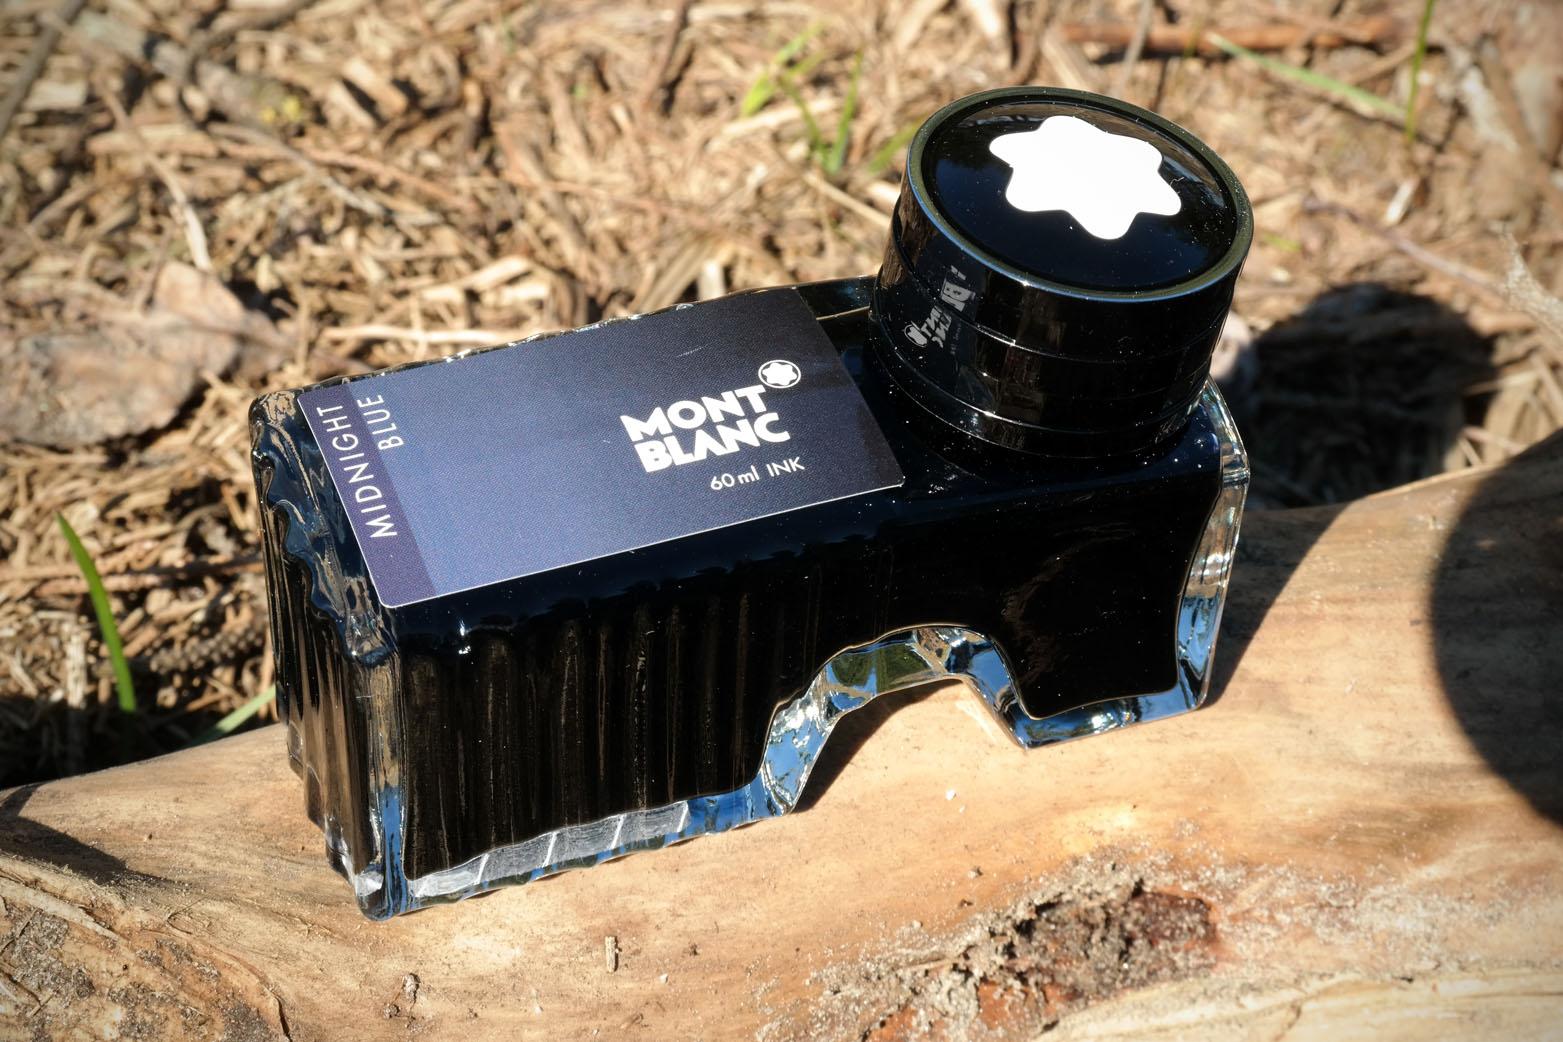 fpn_1459716402__midnightblue_bottle_3.jp